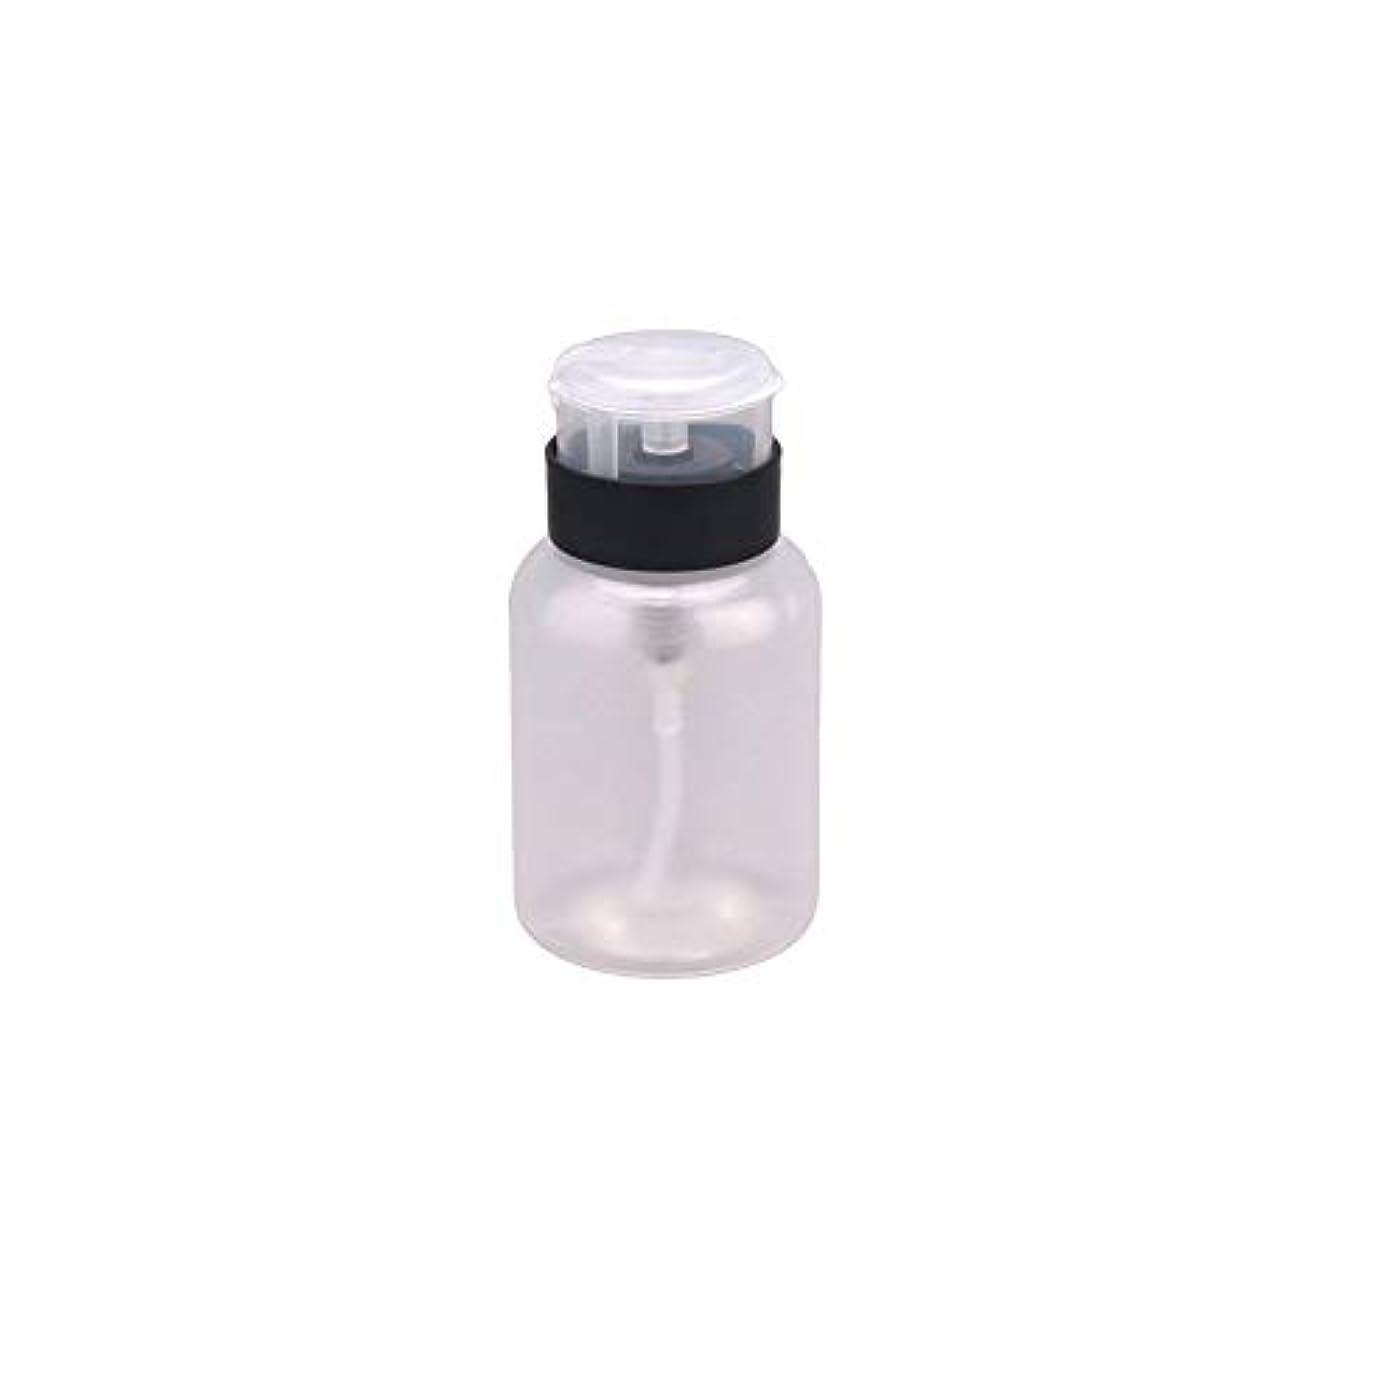 辛い買い手植生210ML MultifuktionディスペンサーポンプクレンザーBottlePushネイルポリッシュリムーバーアルコールボトルダウン液体エミッタのボトルは、ボトルのネイルポリッシュリムーバー液体ボトル容器のforoils、黒と透明なコーティング、接着剤を絞ります